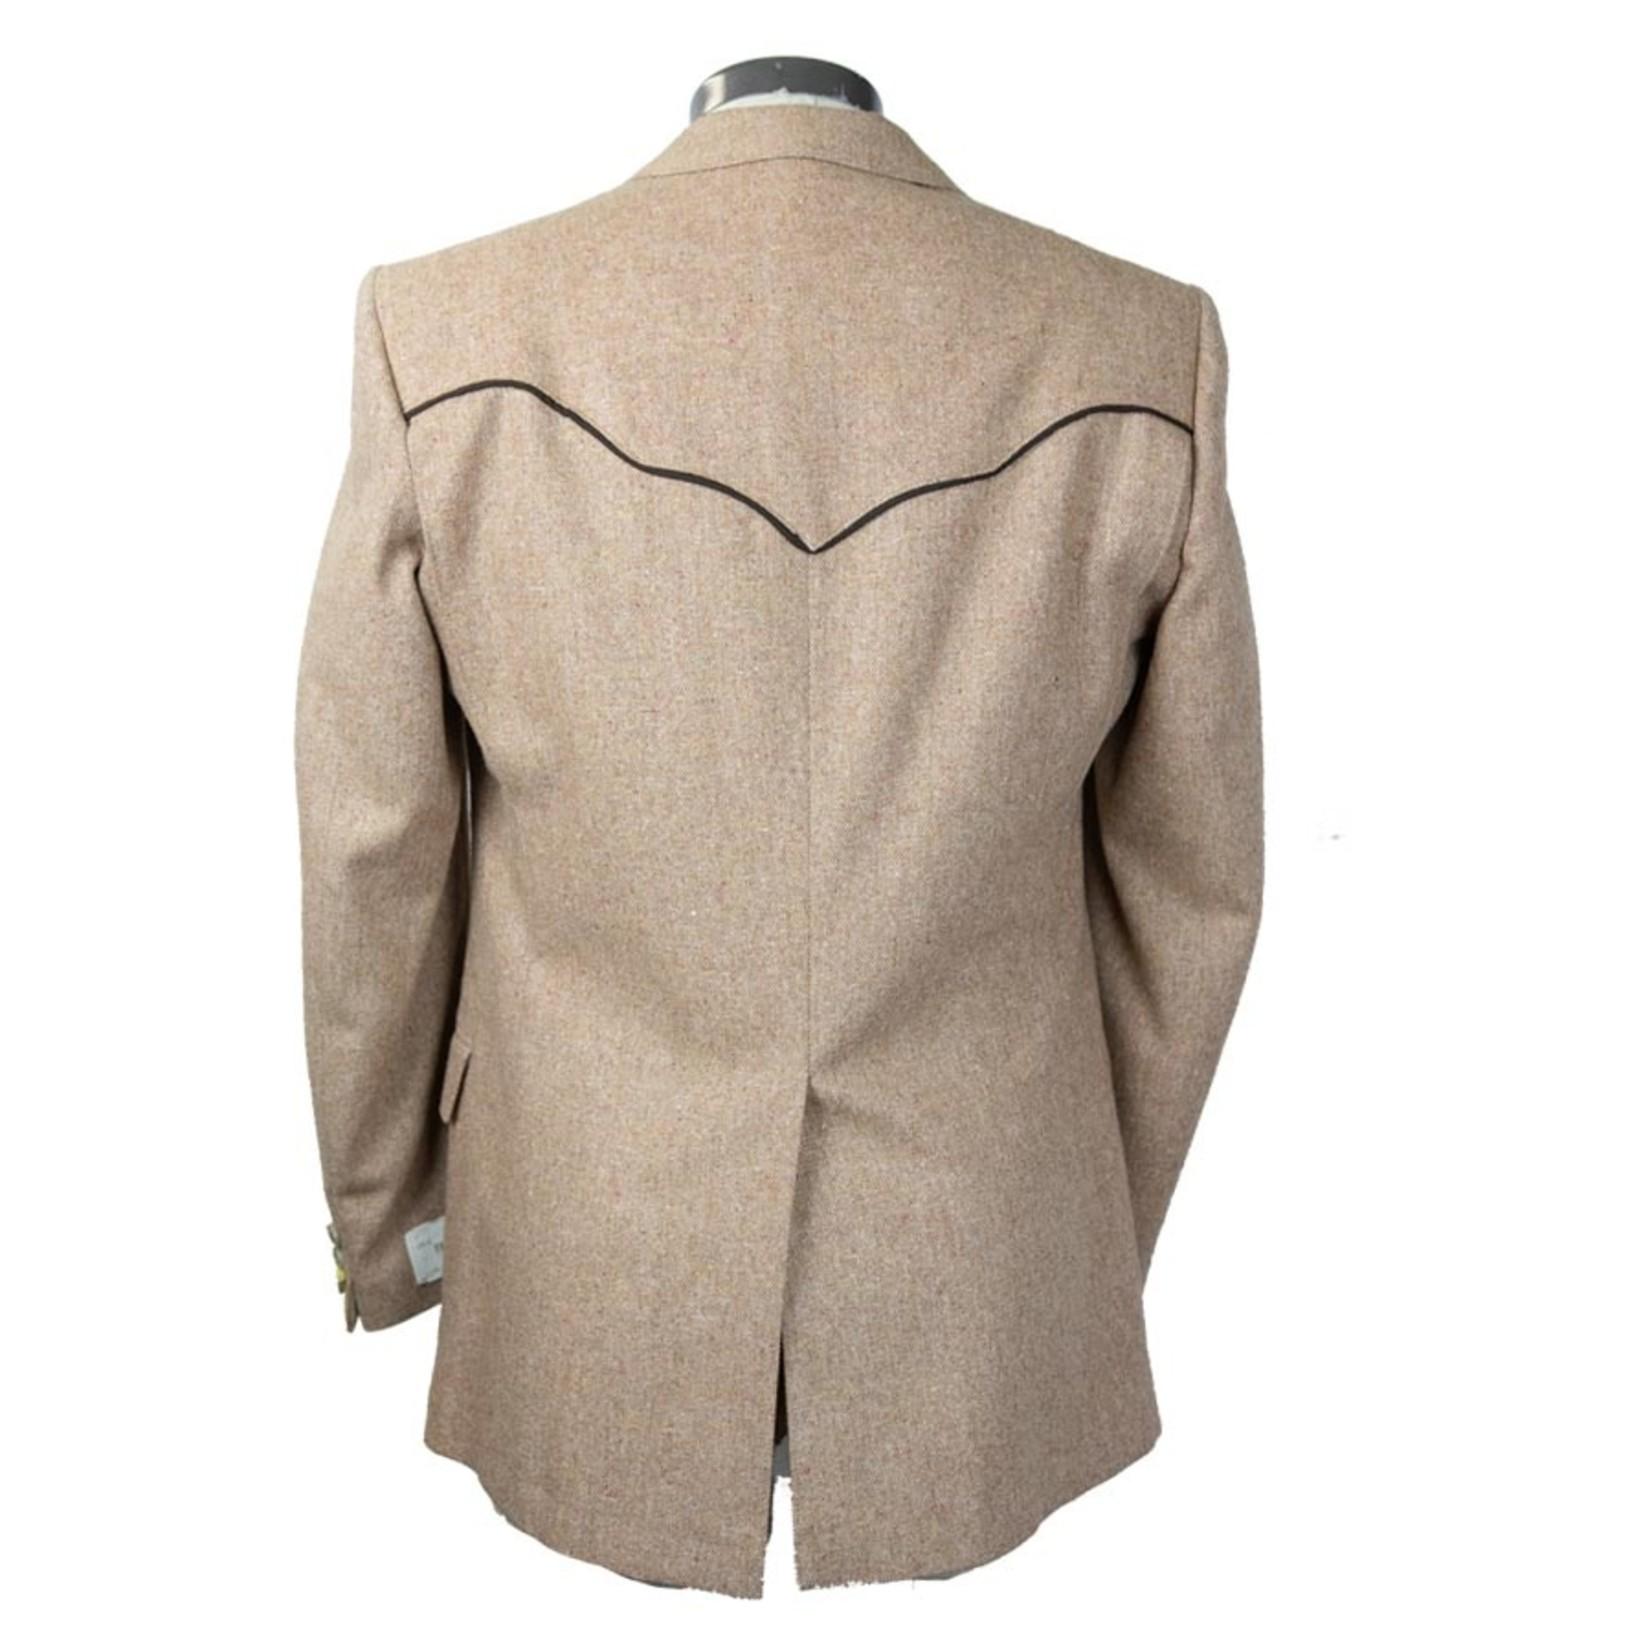 Flying L Polyester Wool Blend Vintage Suit Jacket - Size 40 - #21